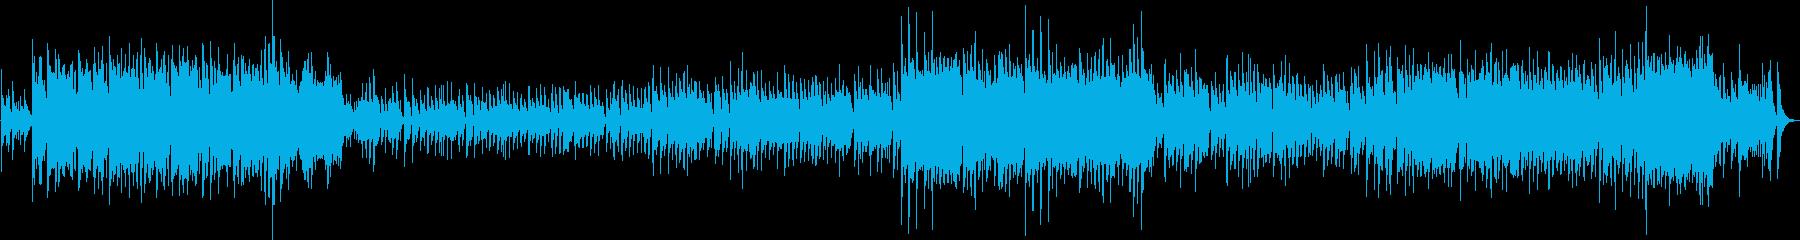 中国楽器を使った祭りの曲の再生済みの波形